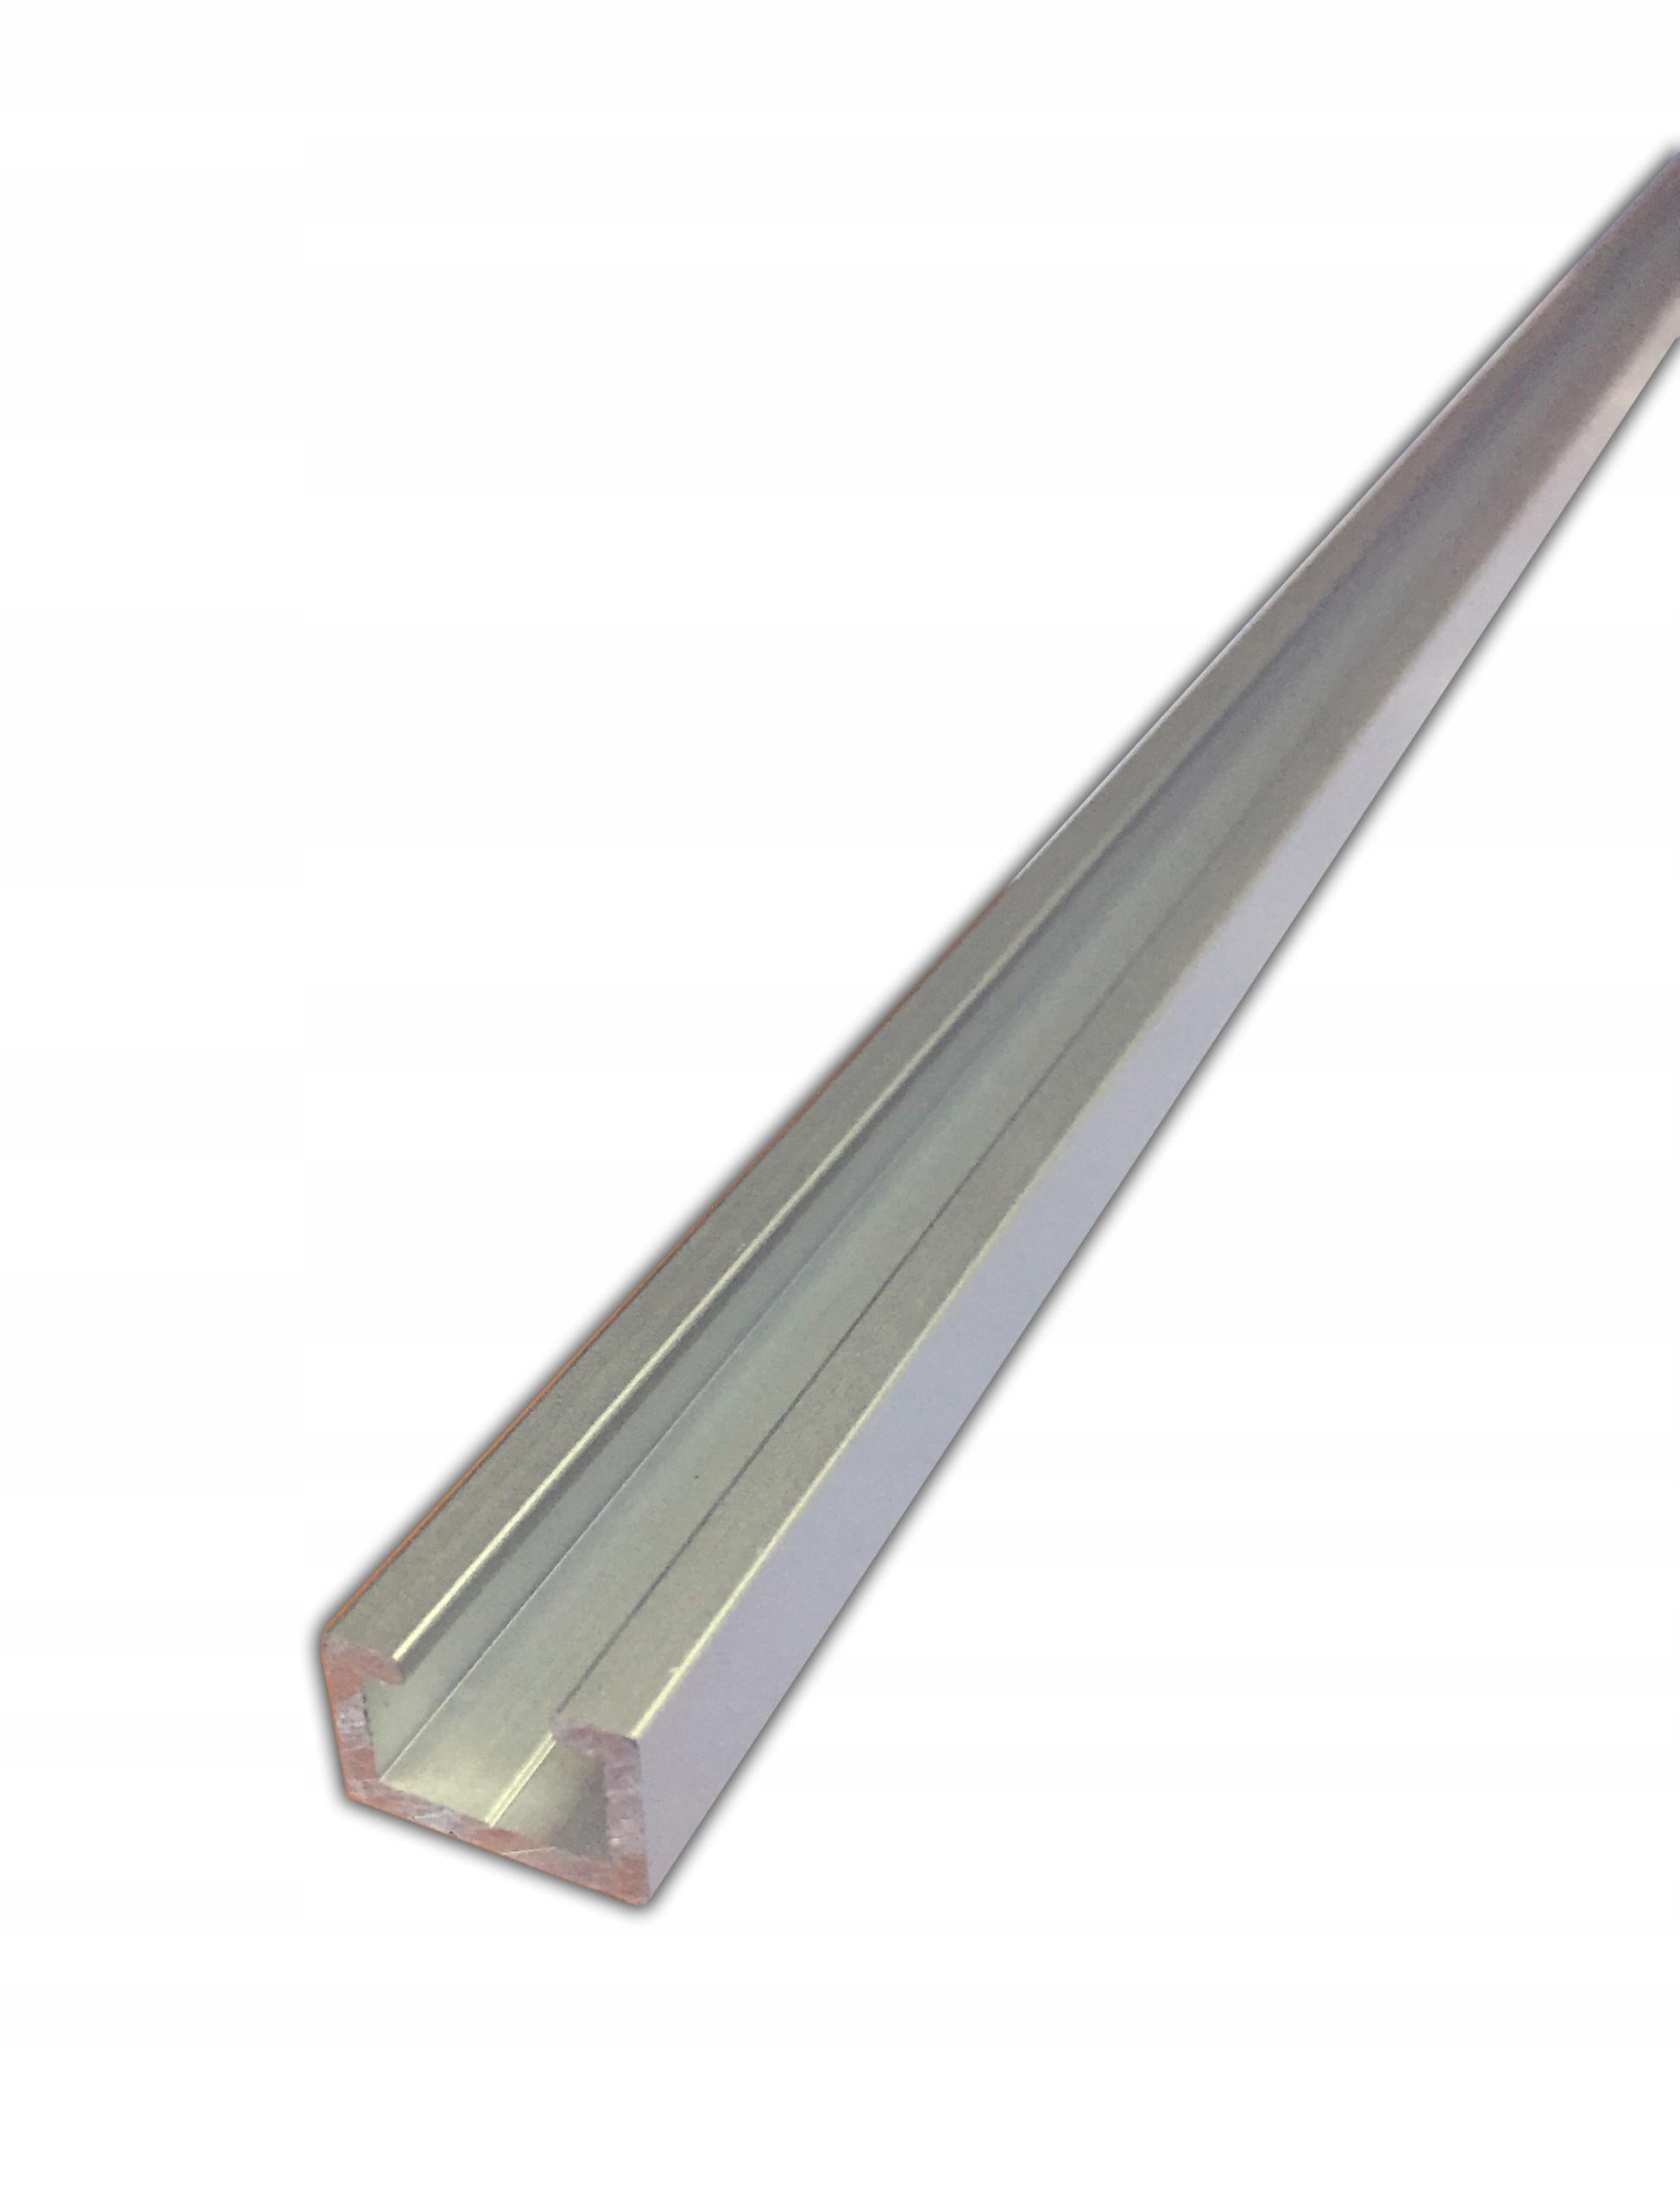 Alu C profil pre nábytkovú stolársku kuchyňu 17x11mm 1m